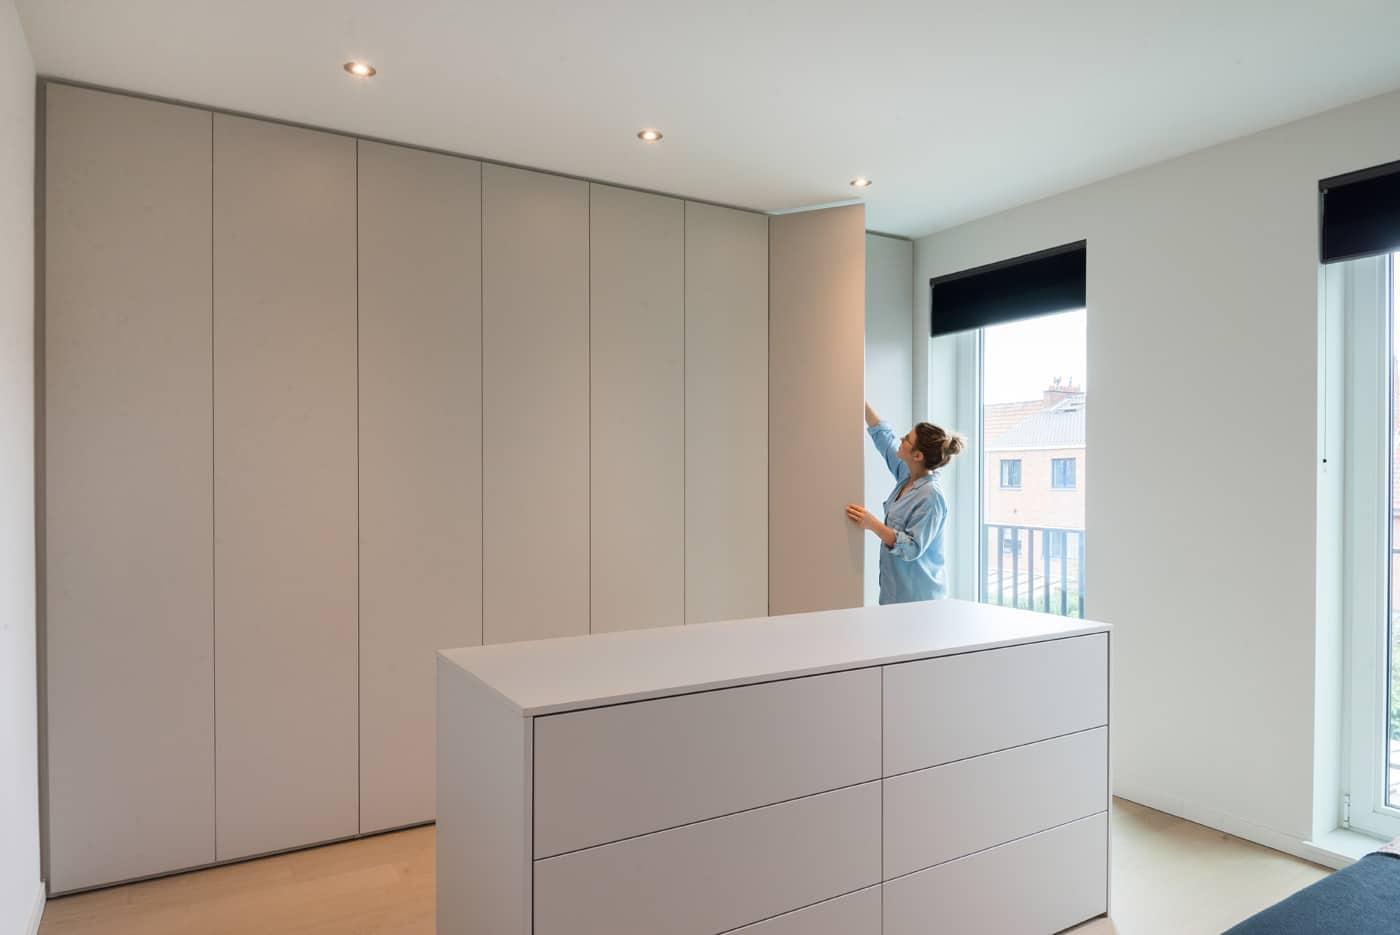 Kasten Op Maat Slaapkamer.Inbouwkasten 100 Maatwerk En Uniek Design Dm Line